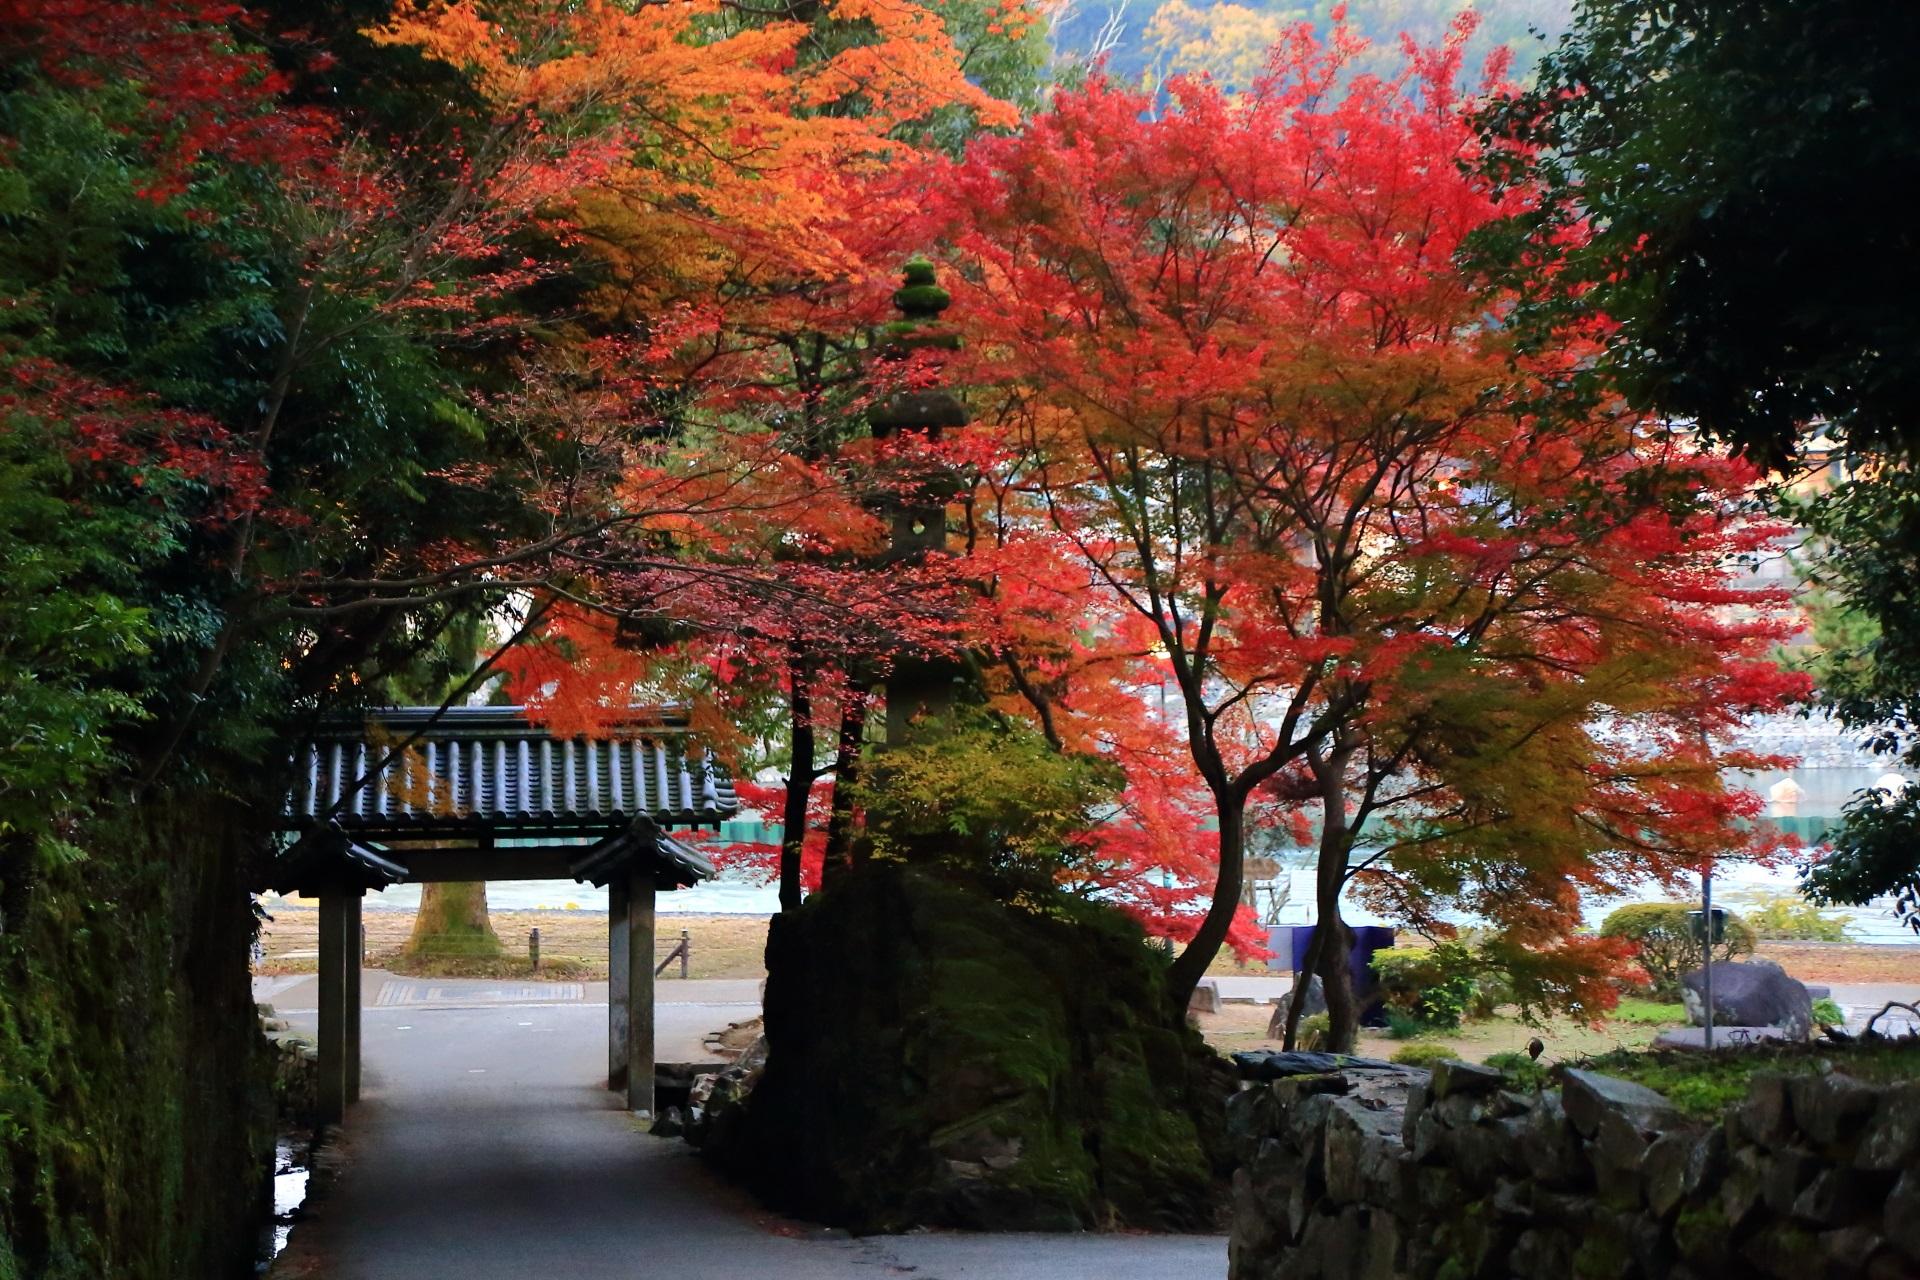 琴坂から眺めた興聖寺の石門と多彩な紅葉